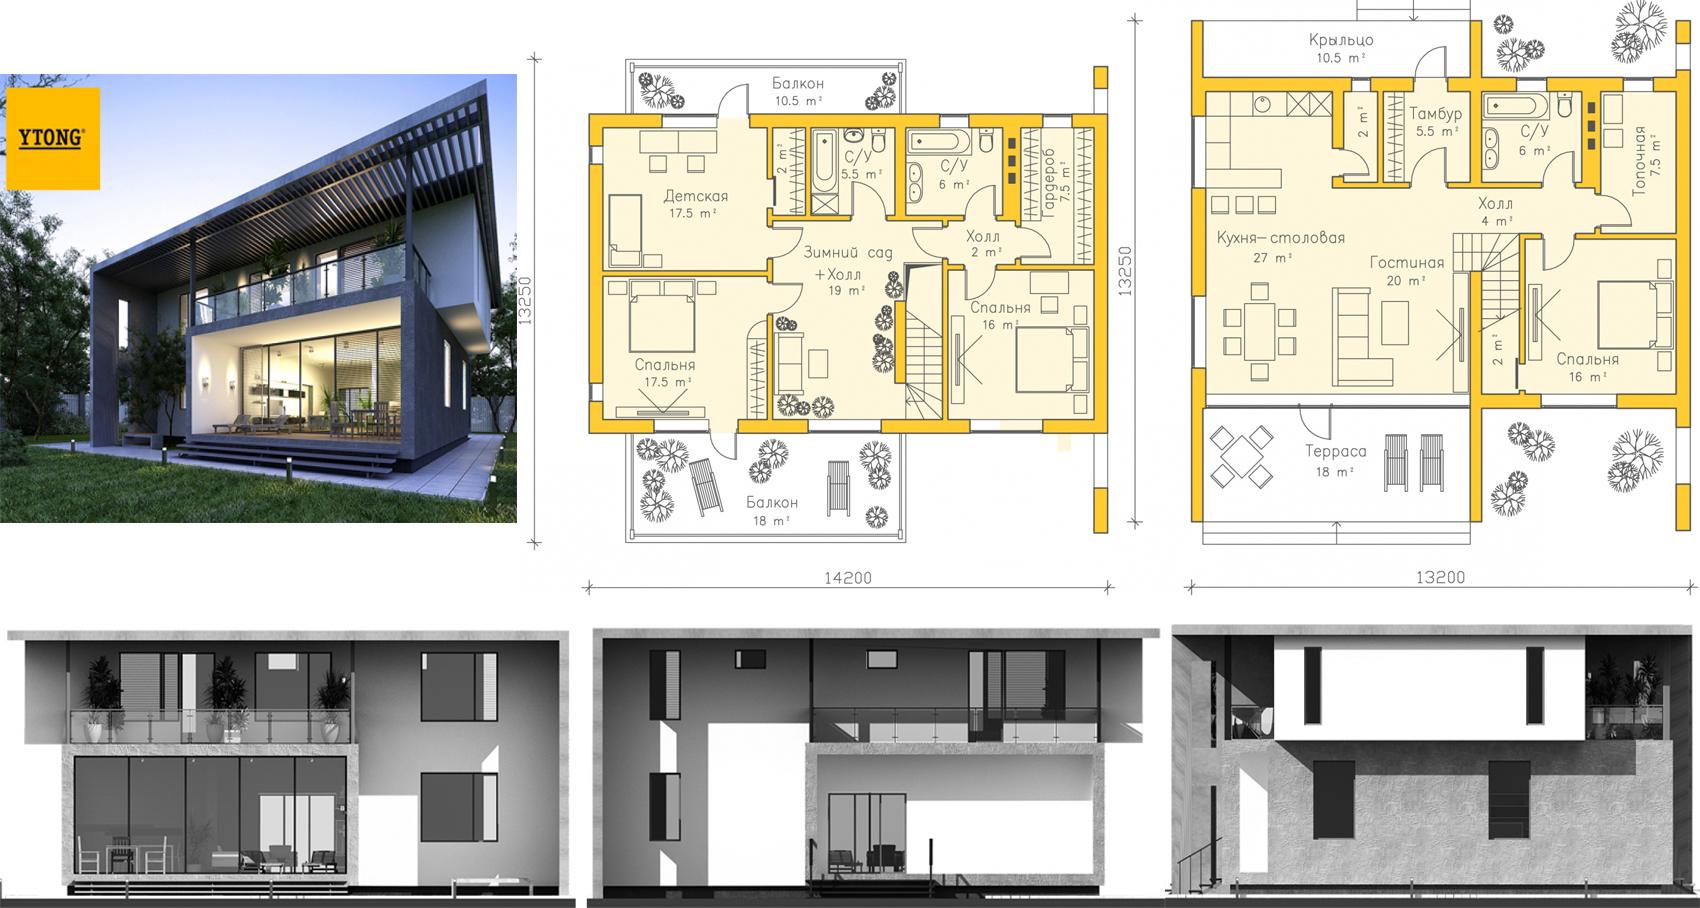 Проект дома Штутгарт